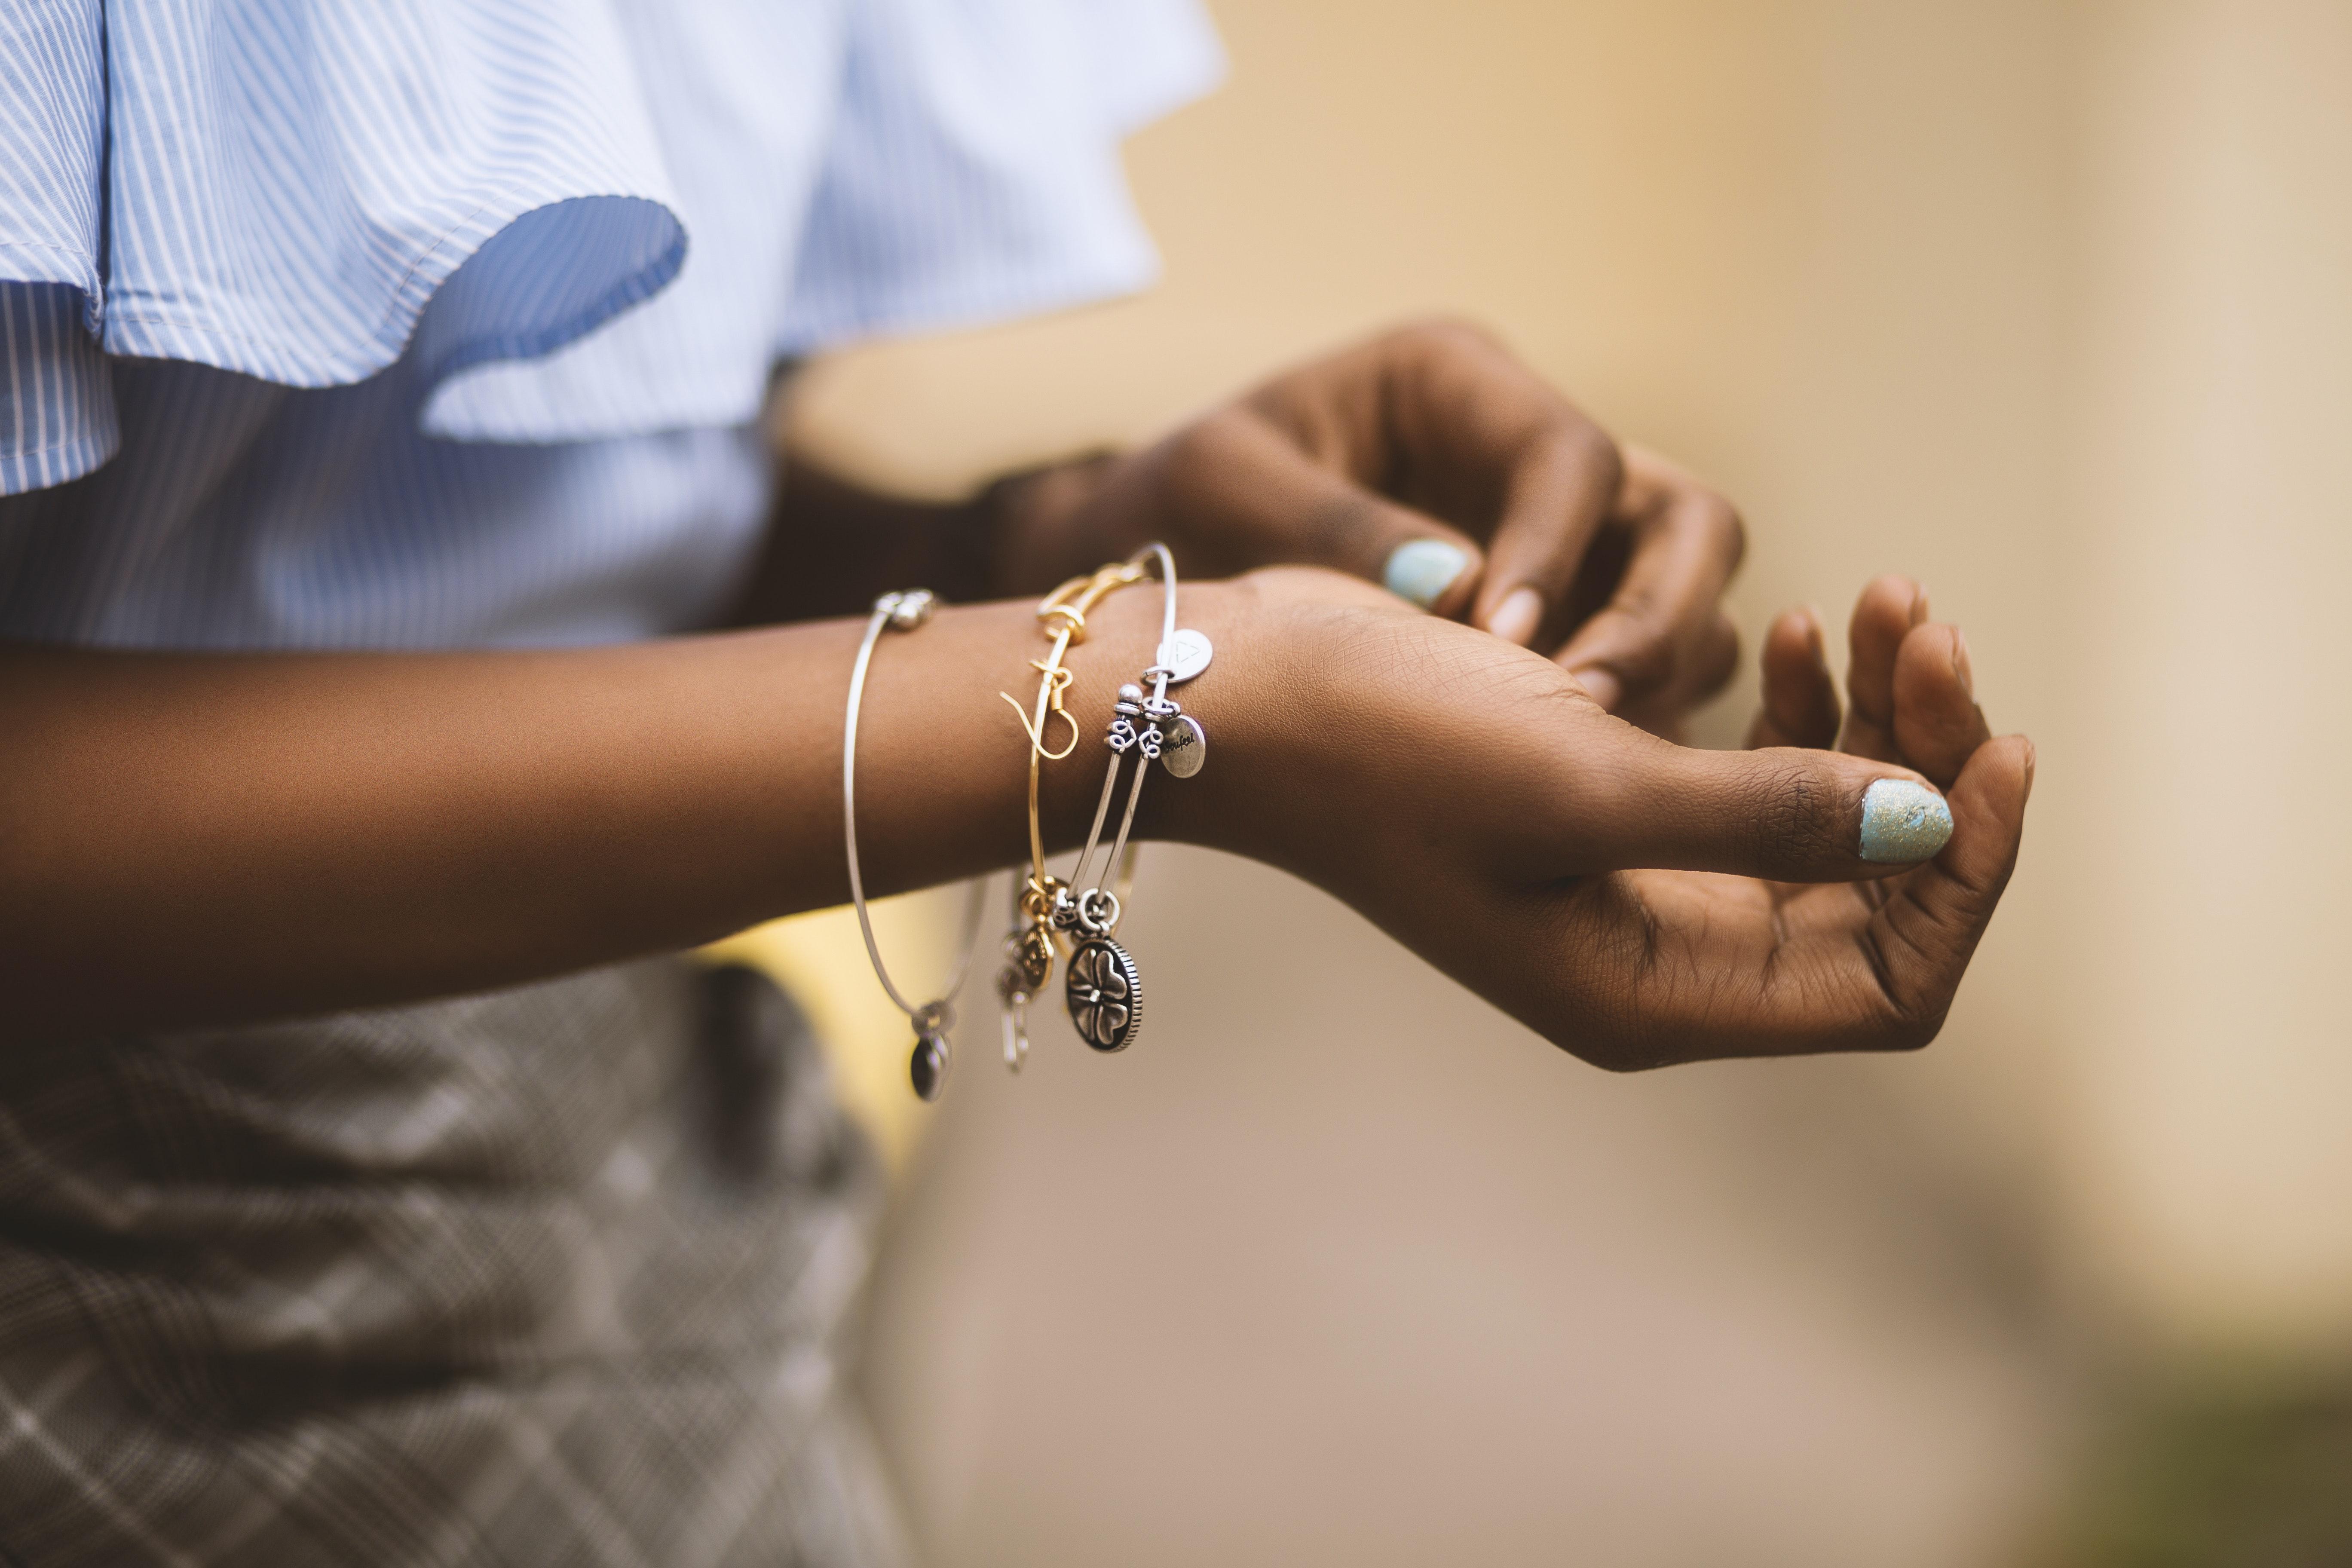 Odwiedź sklep z biżuterią i kup prezent na osiemnaste urodziny!